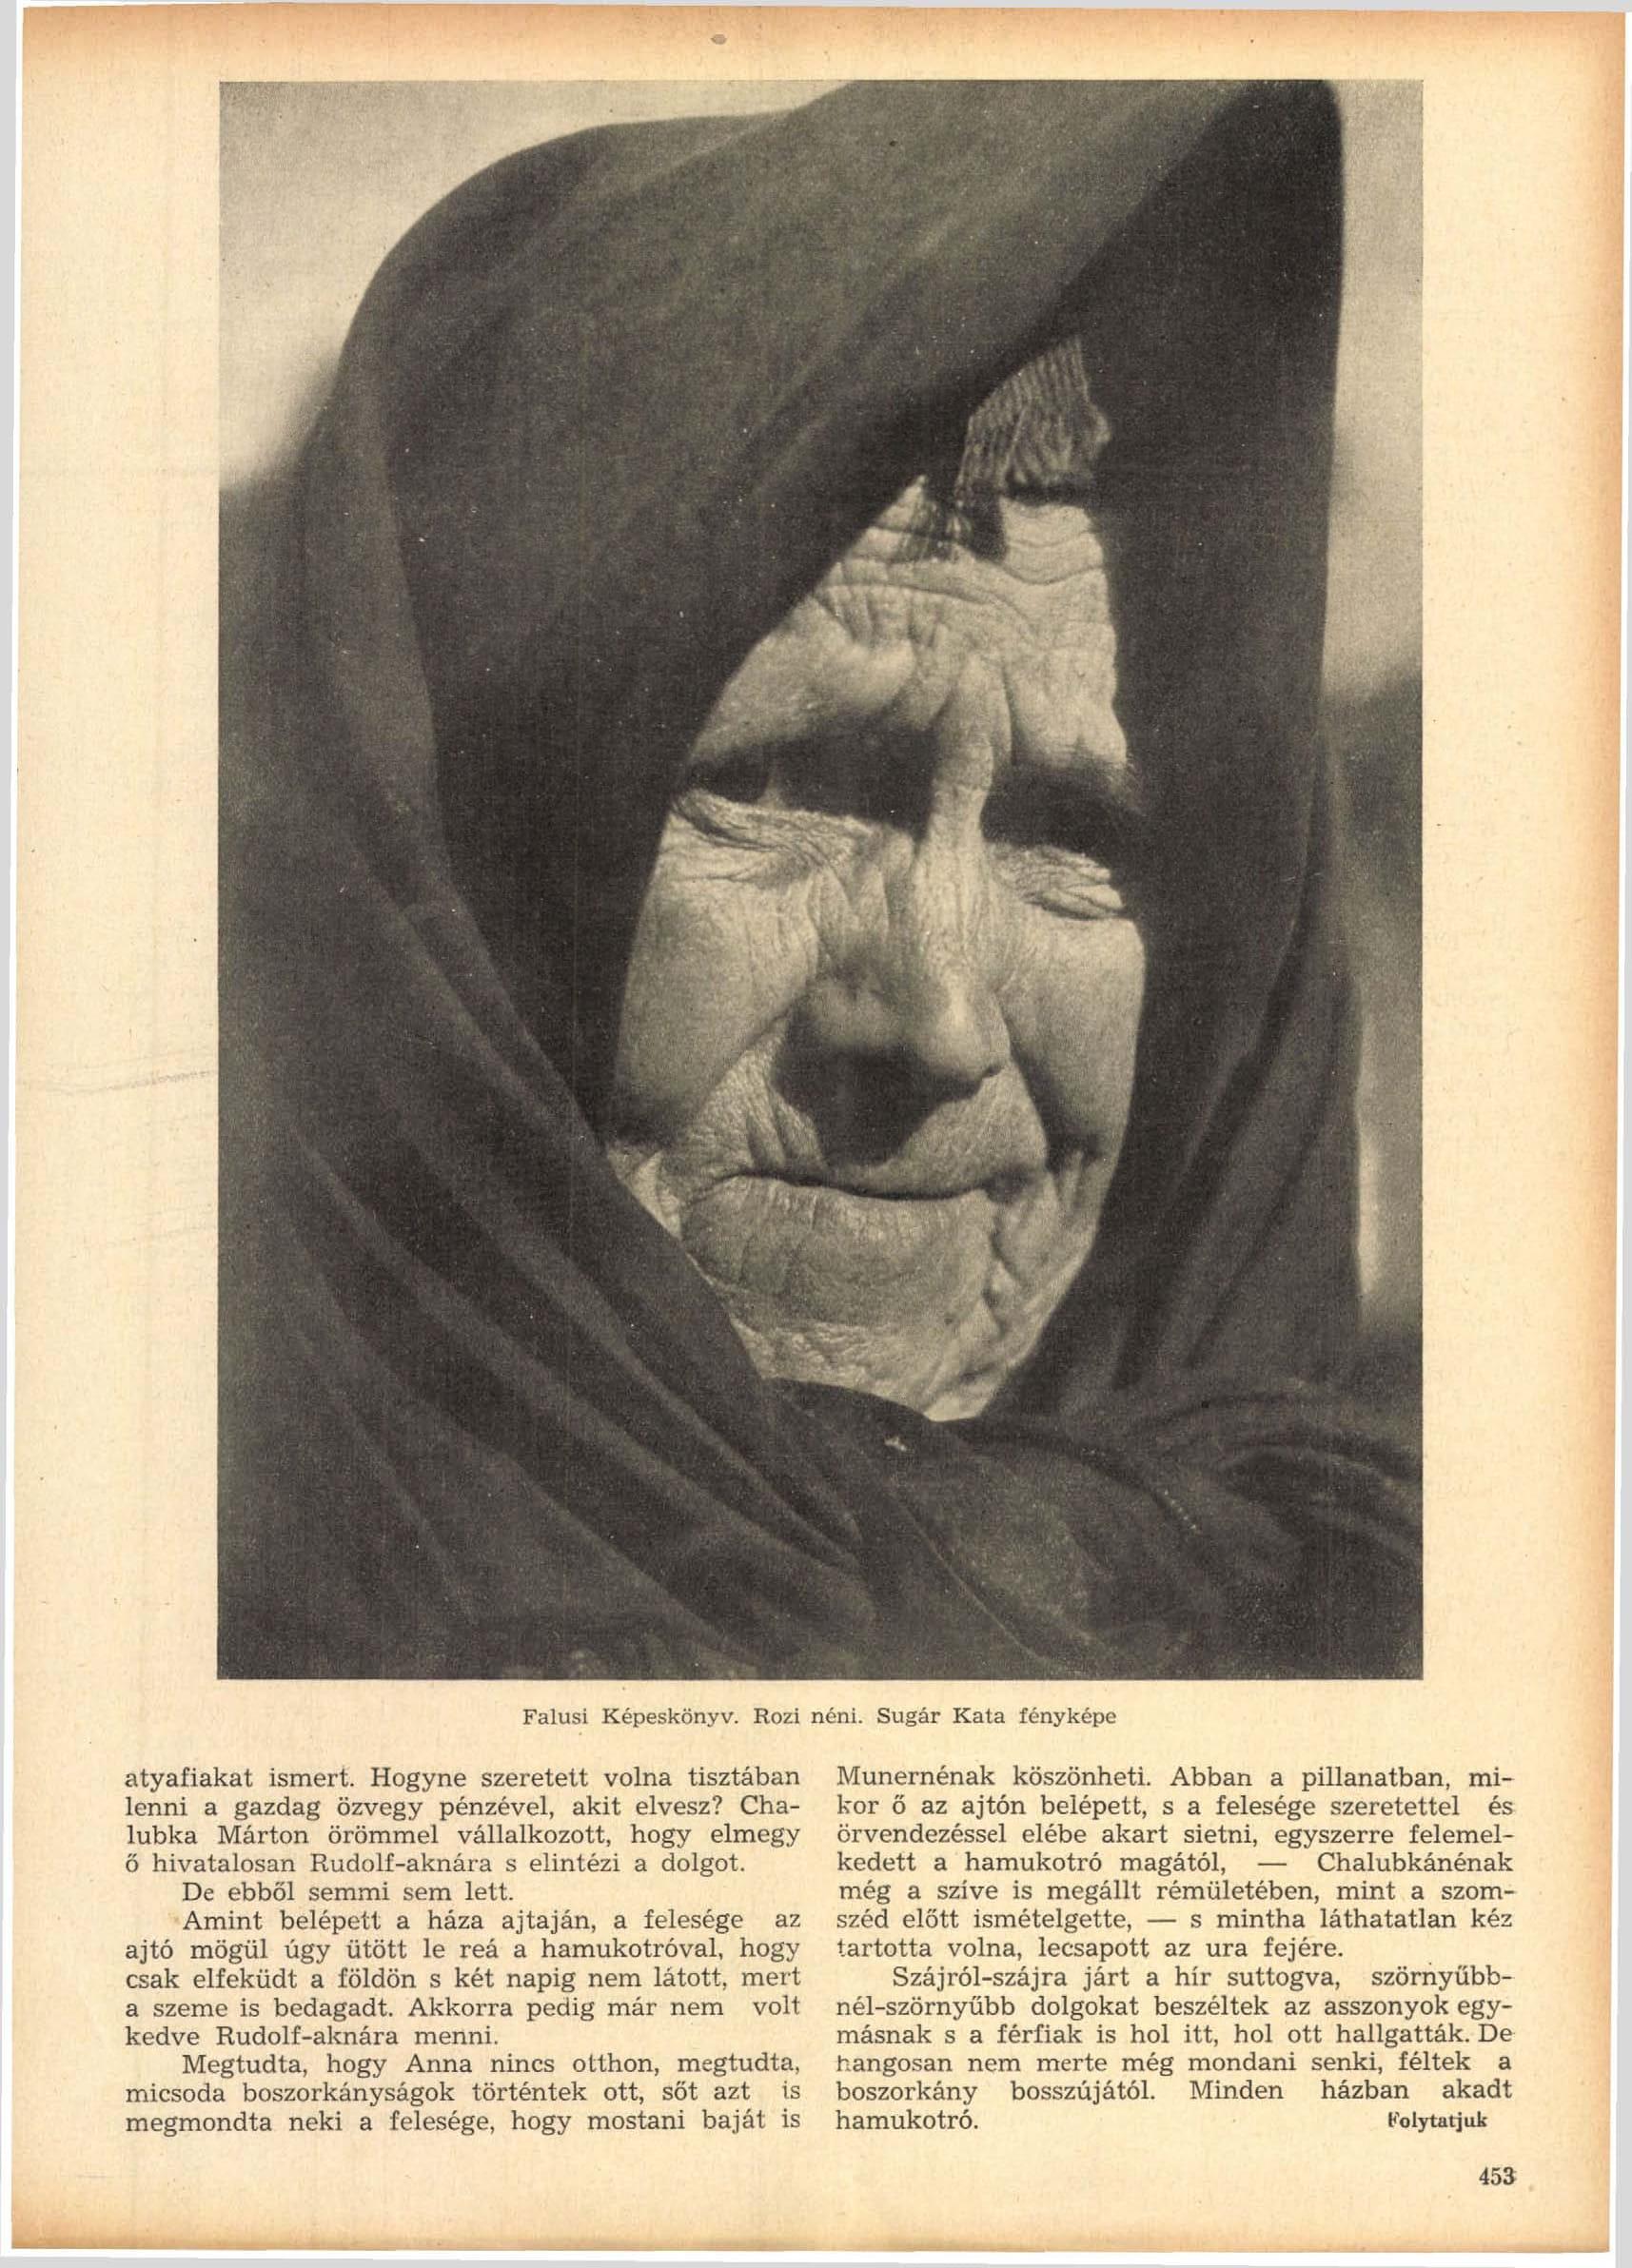 Fotó: Sugár Kata: Rozi néni<br />Megjelent: Új Idők, 1941. 2.<br />Forrás: adtplus.arcanum.hu